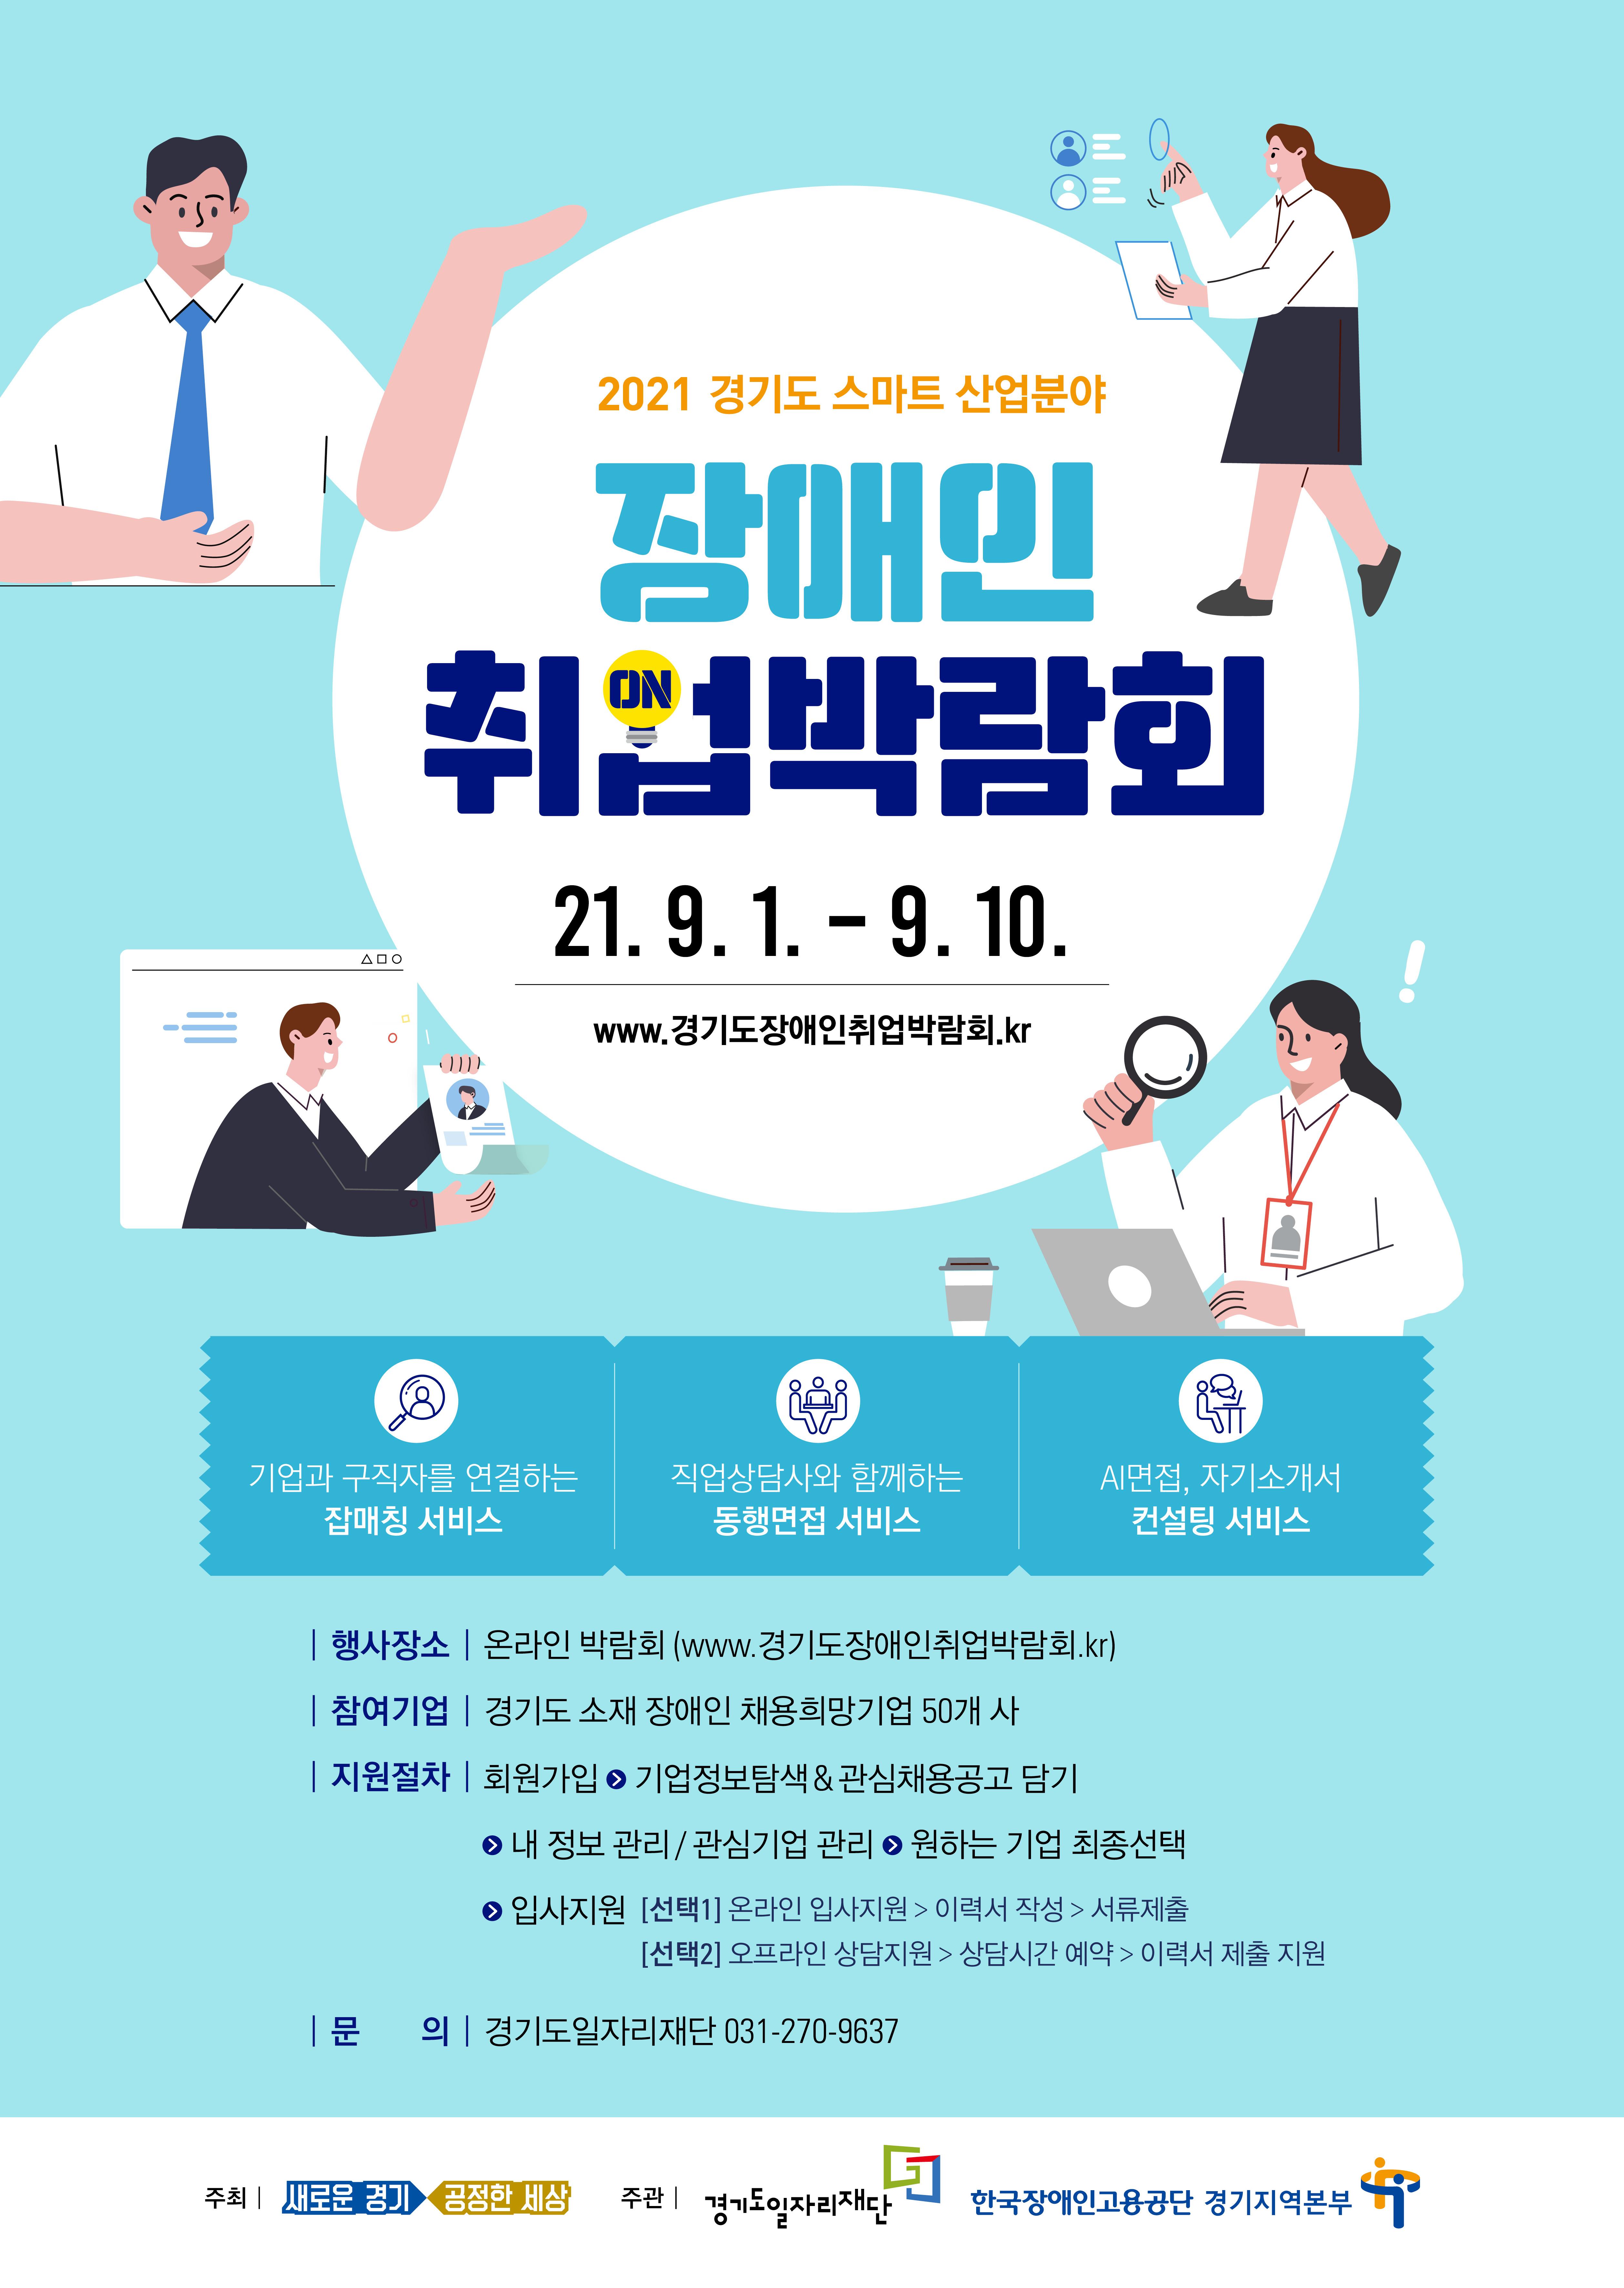 2021년 스마트산업 장애인 취업박람회 포스터.jpg